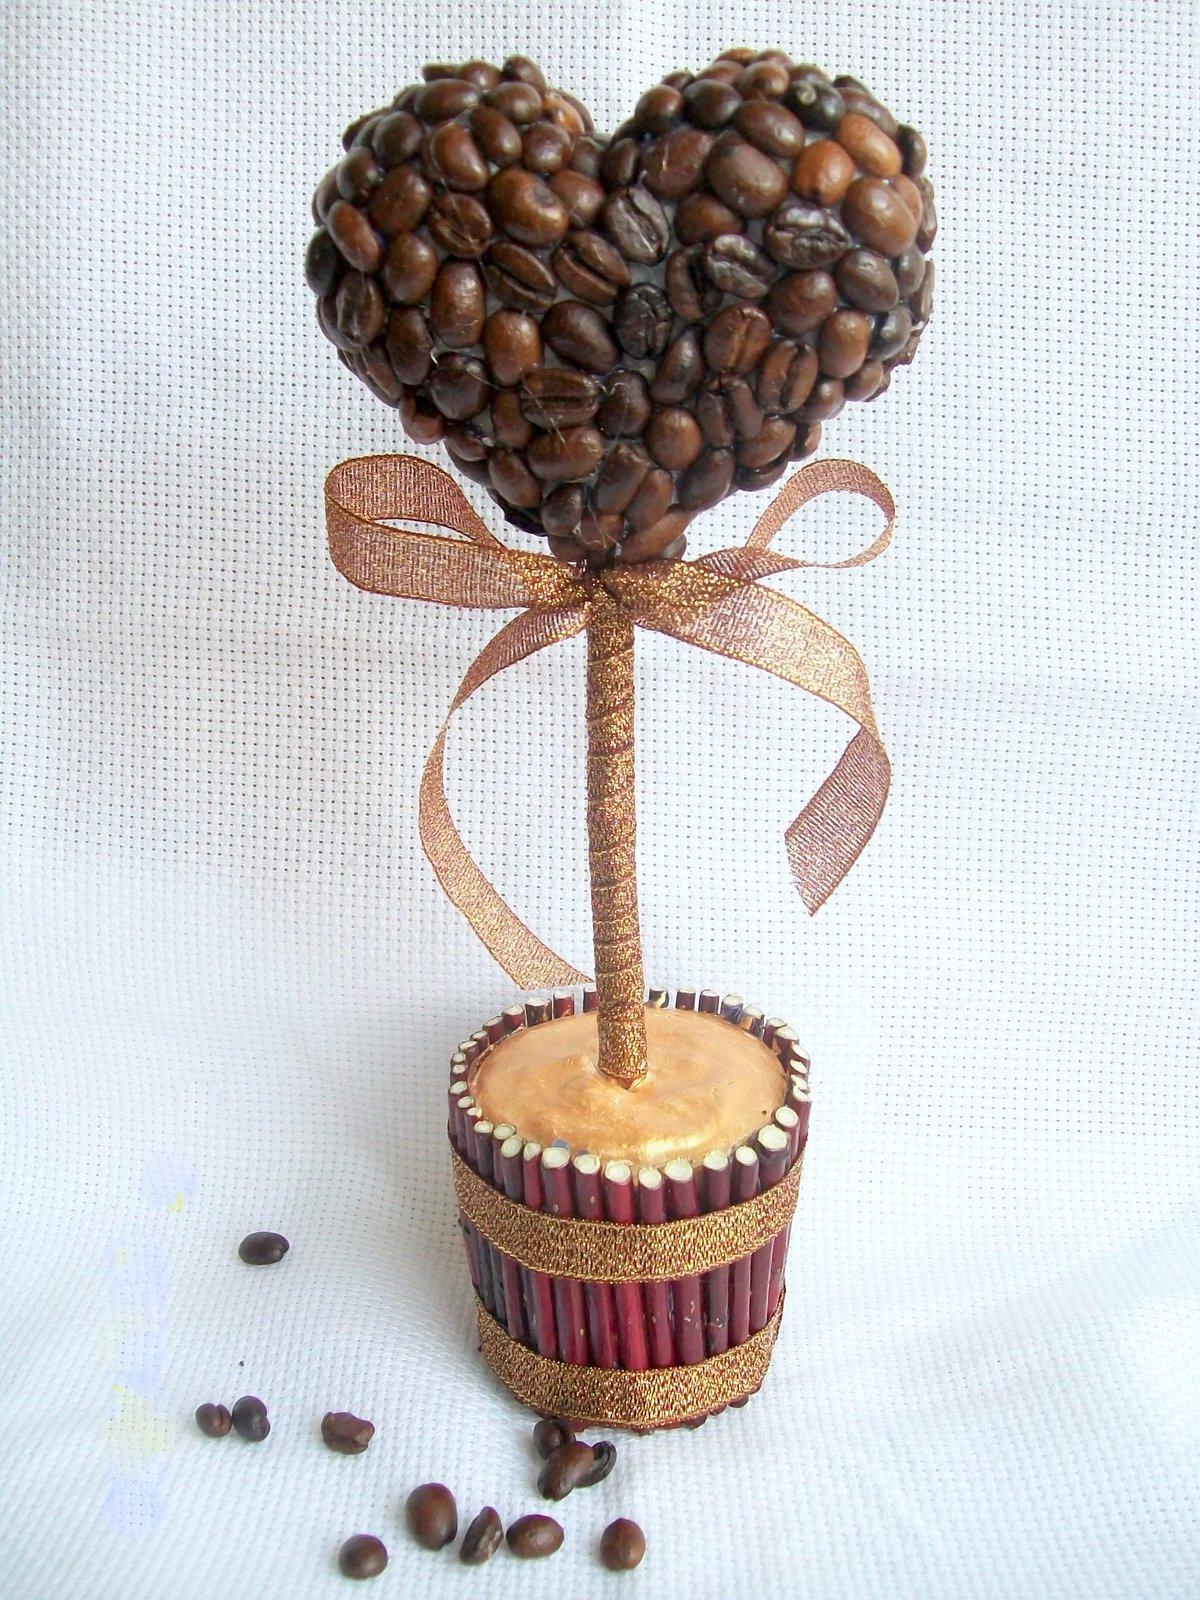 Топиарий из кофе : фото своими руками, кофейное дерево мастер класс, как 89